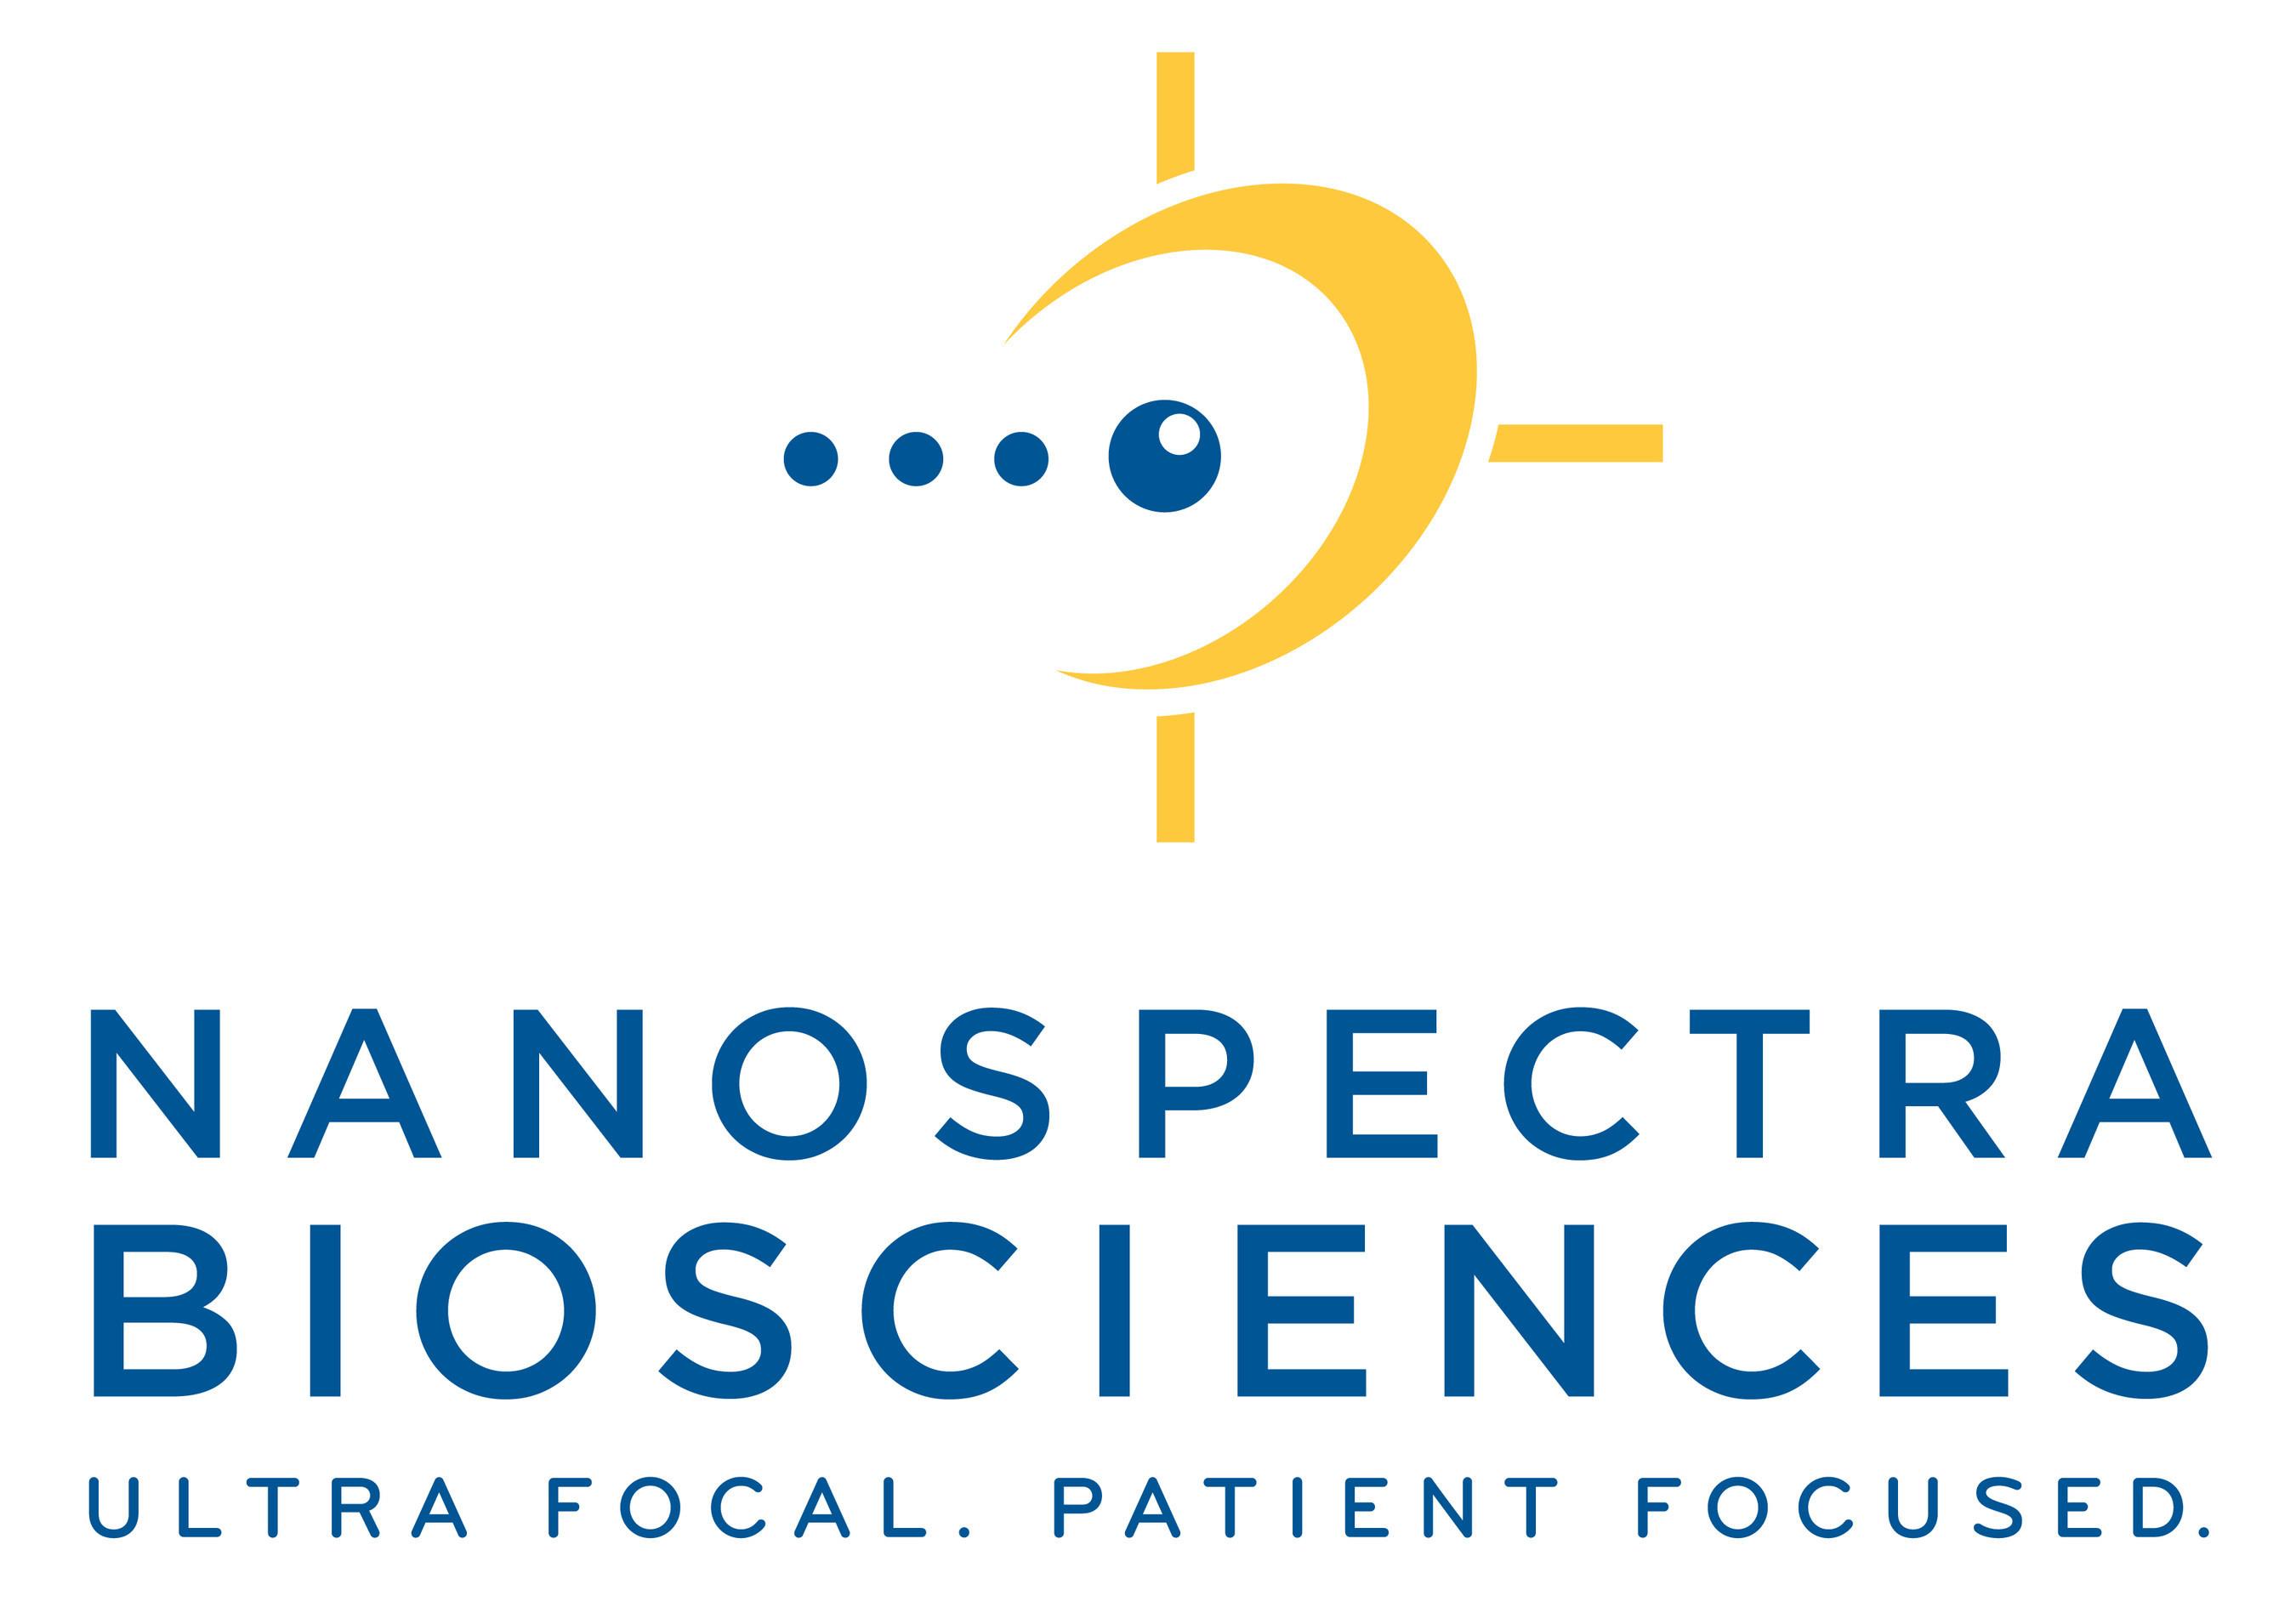 Nanospectra Biosciences logo